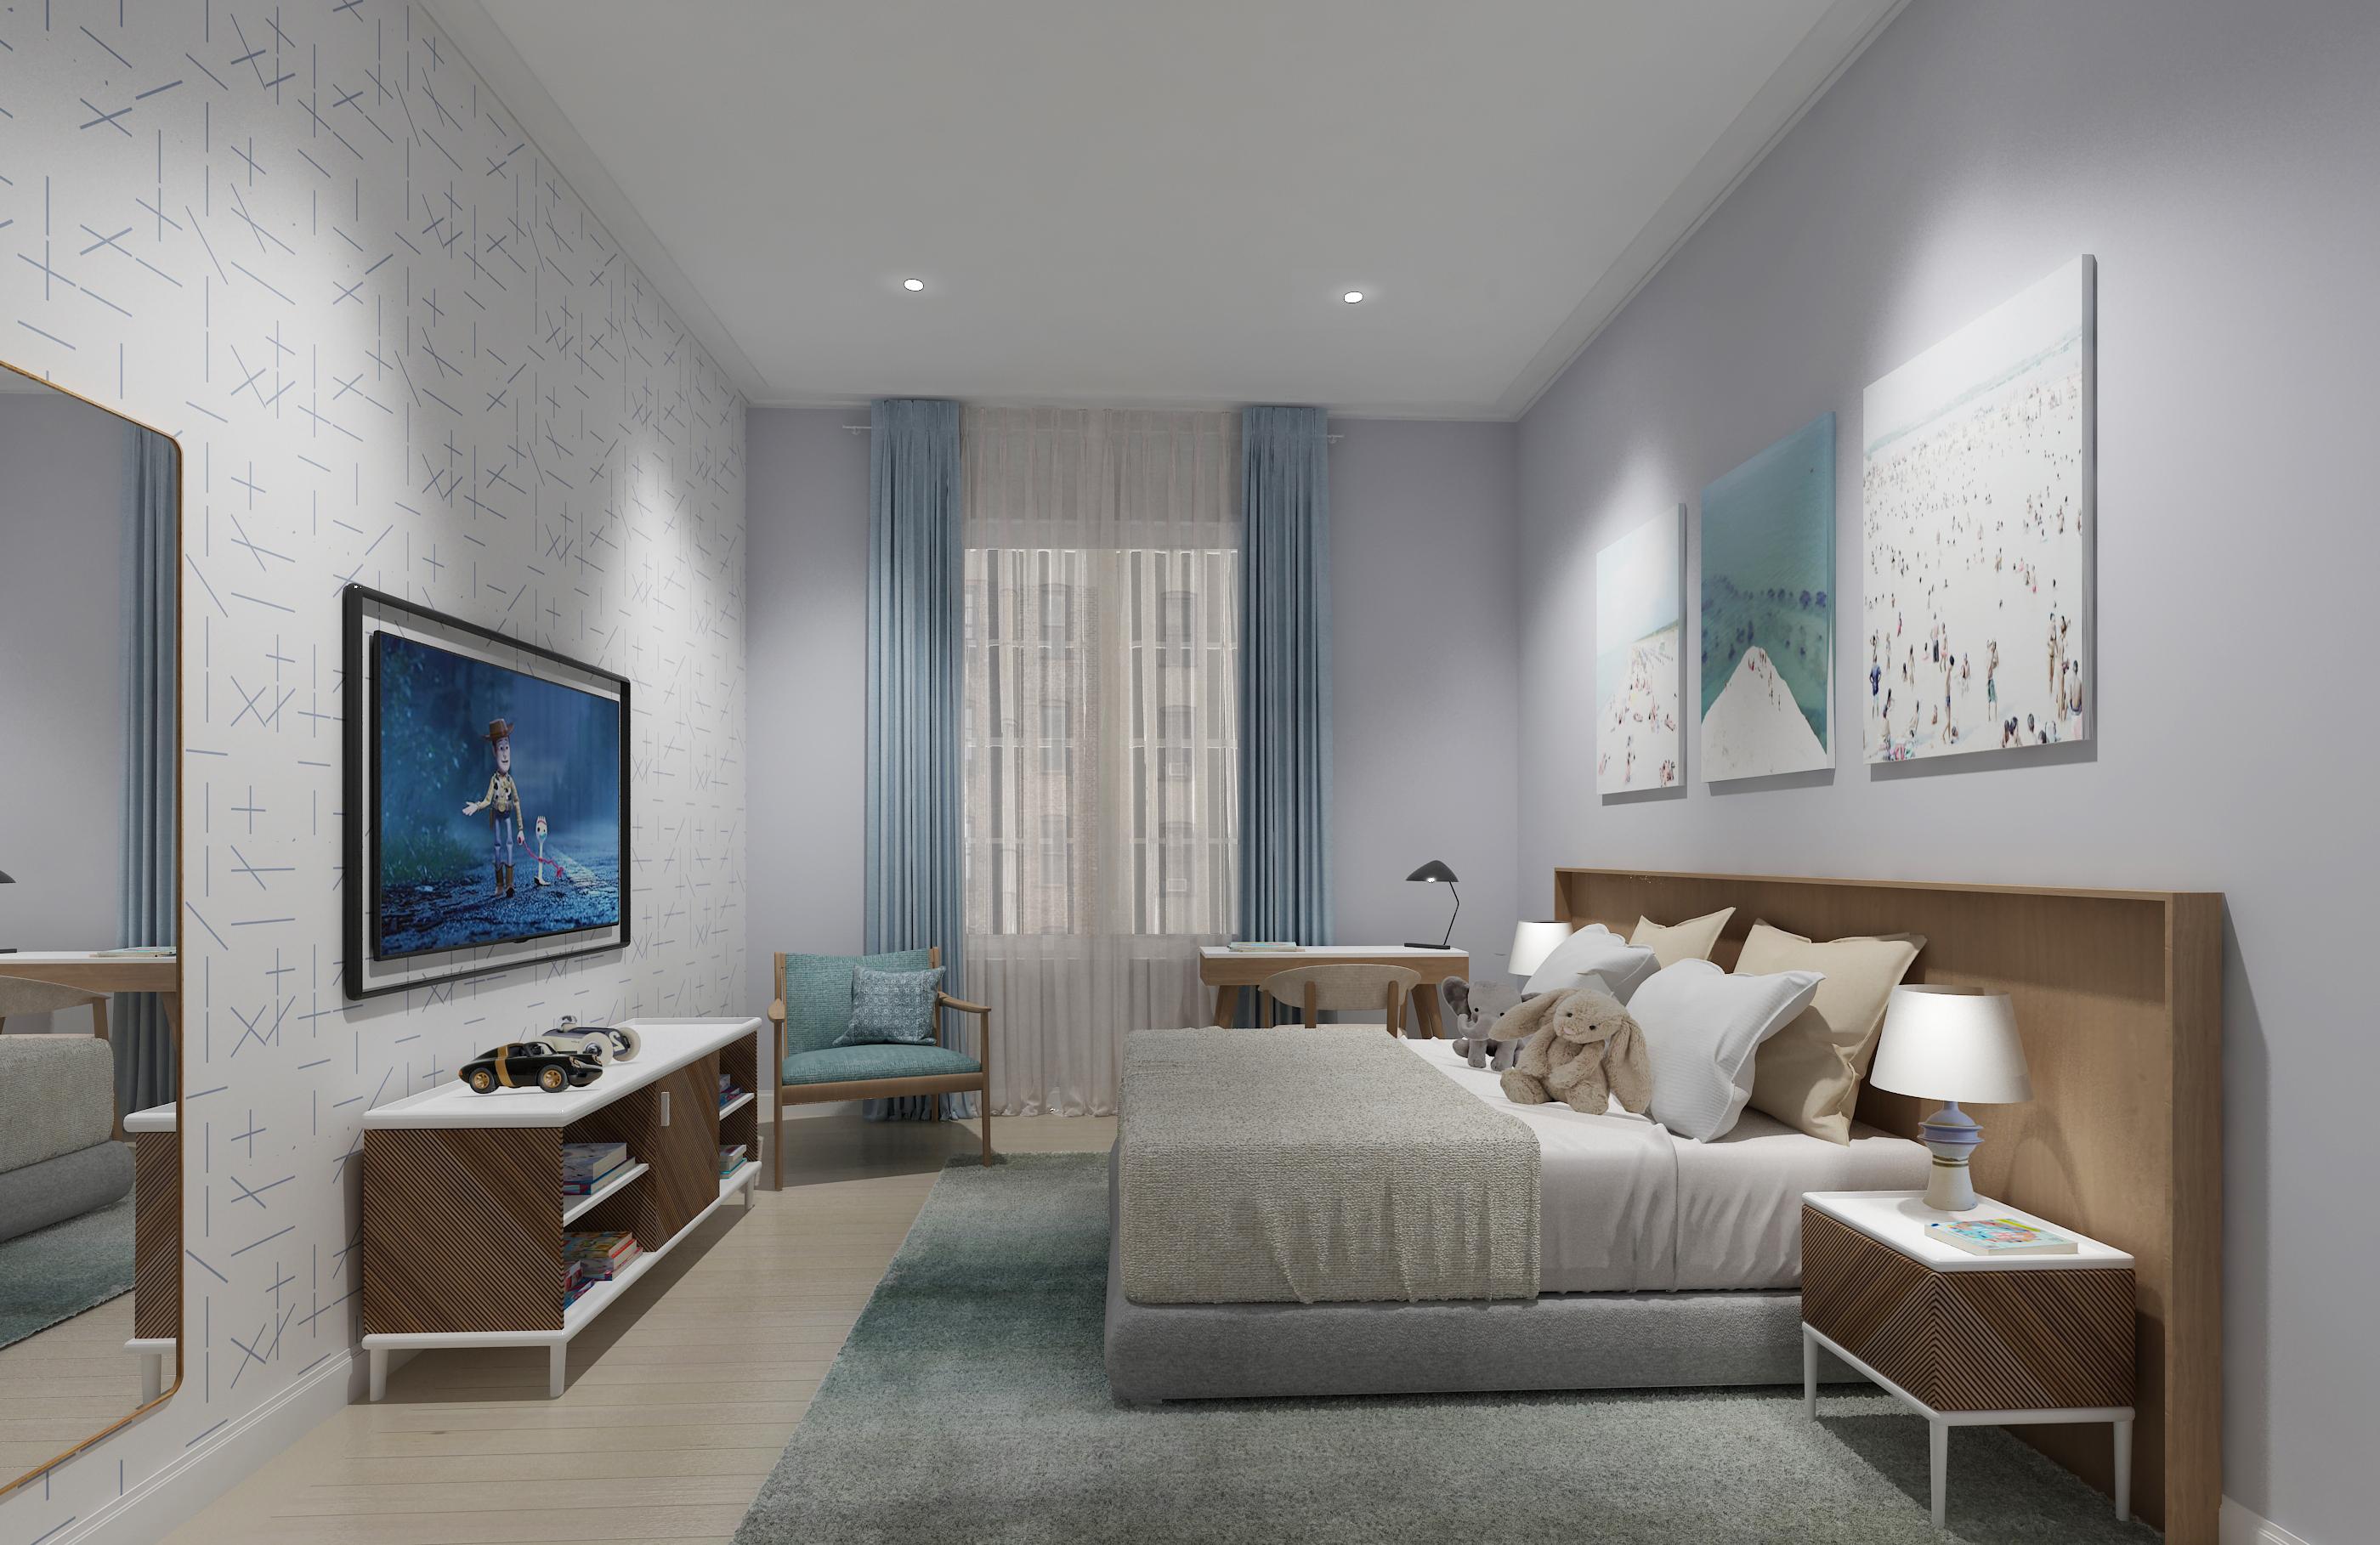 310_Bedroom 17